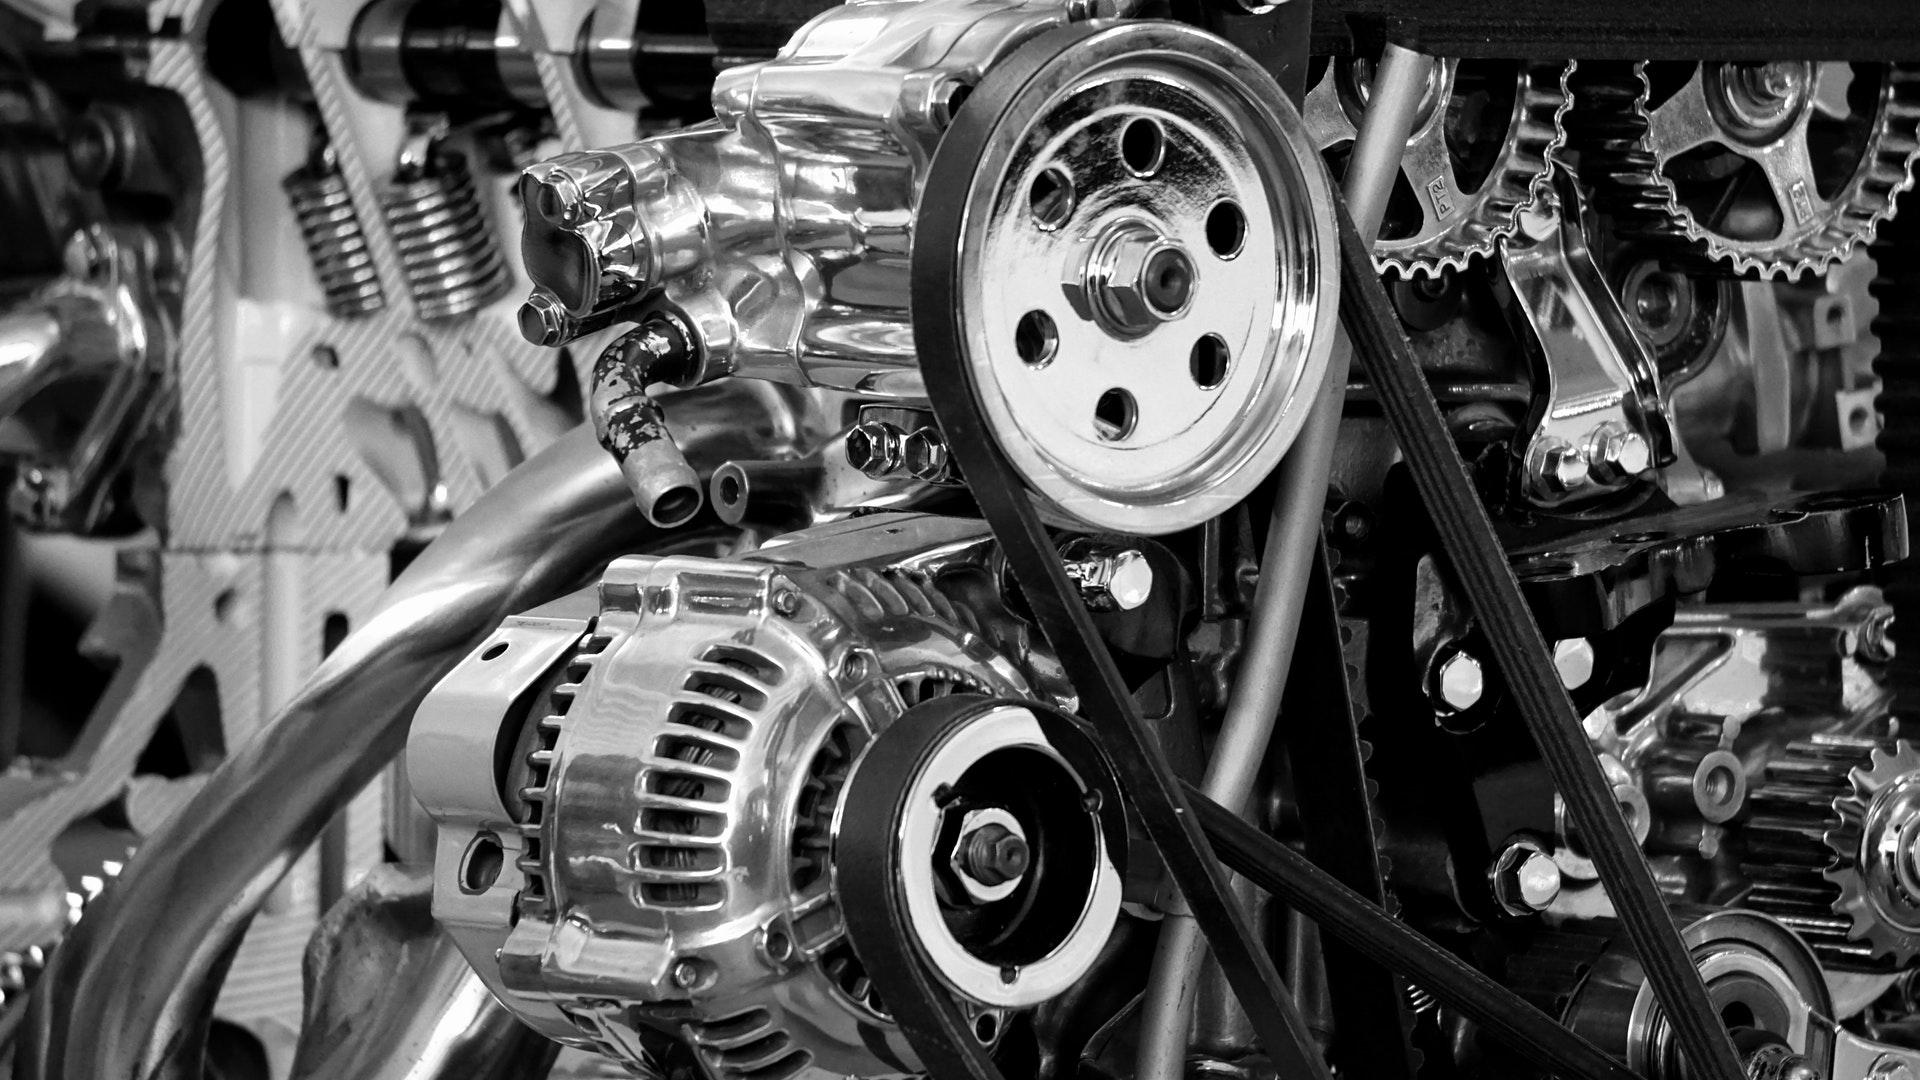 Ein Automotor in Nahaufnahme